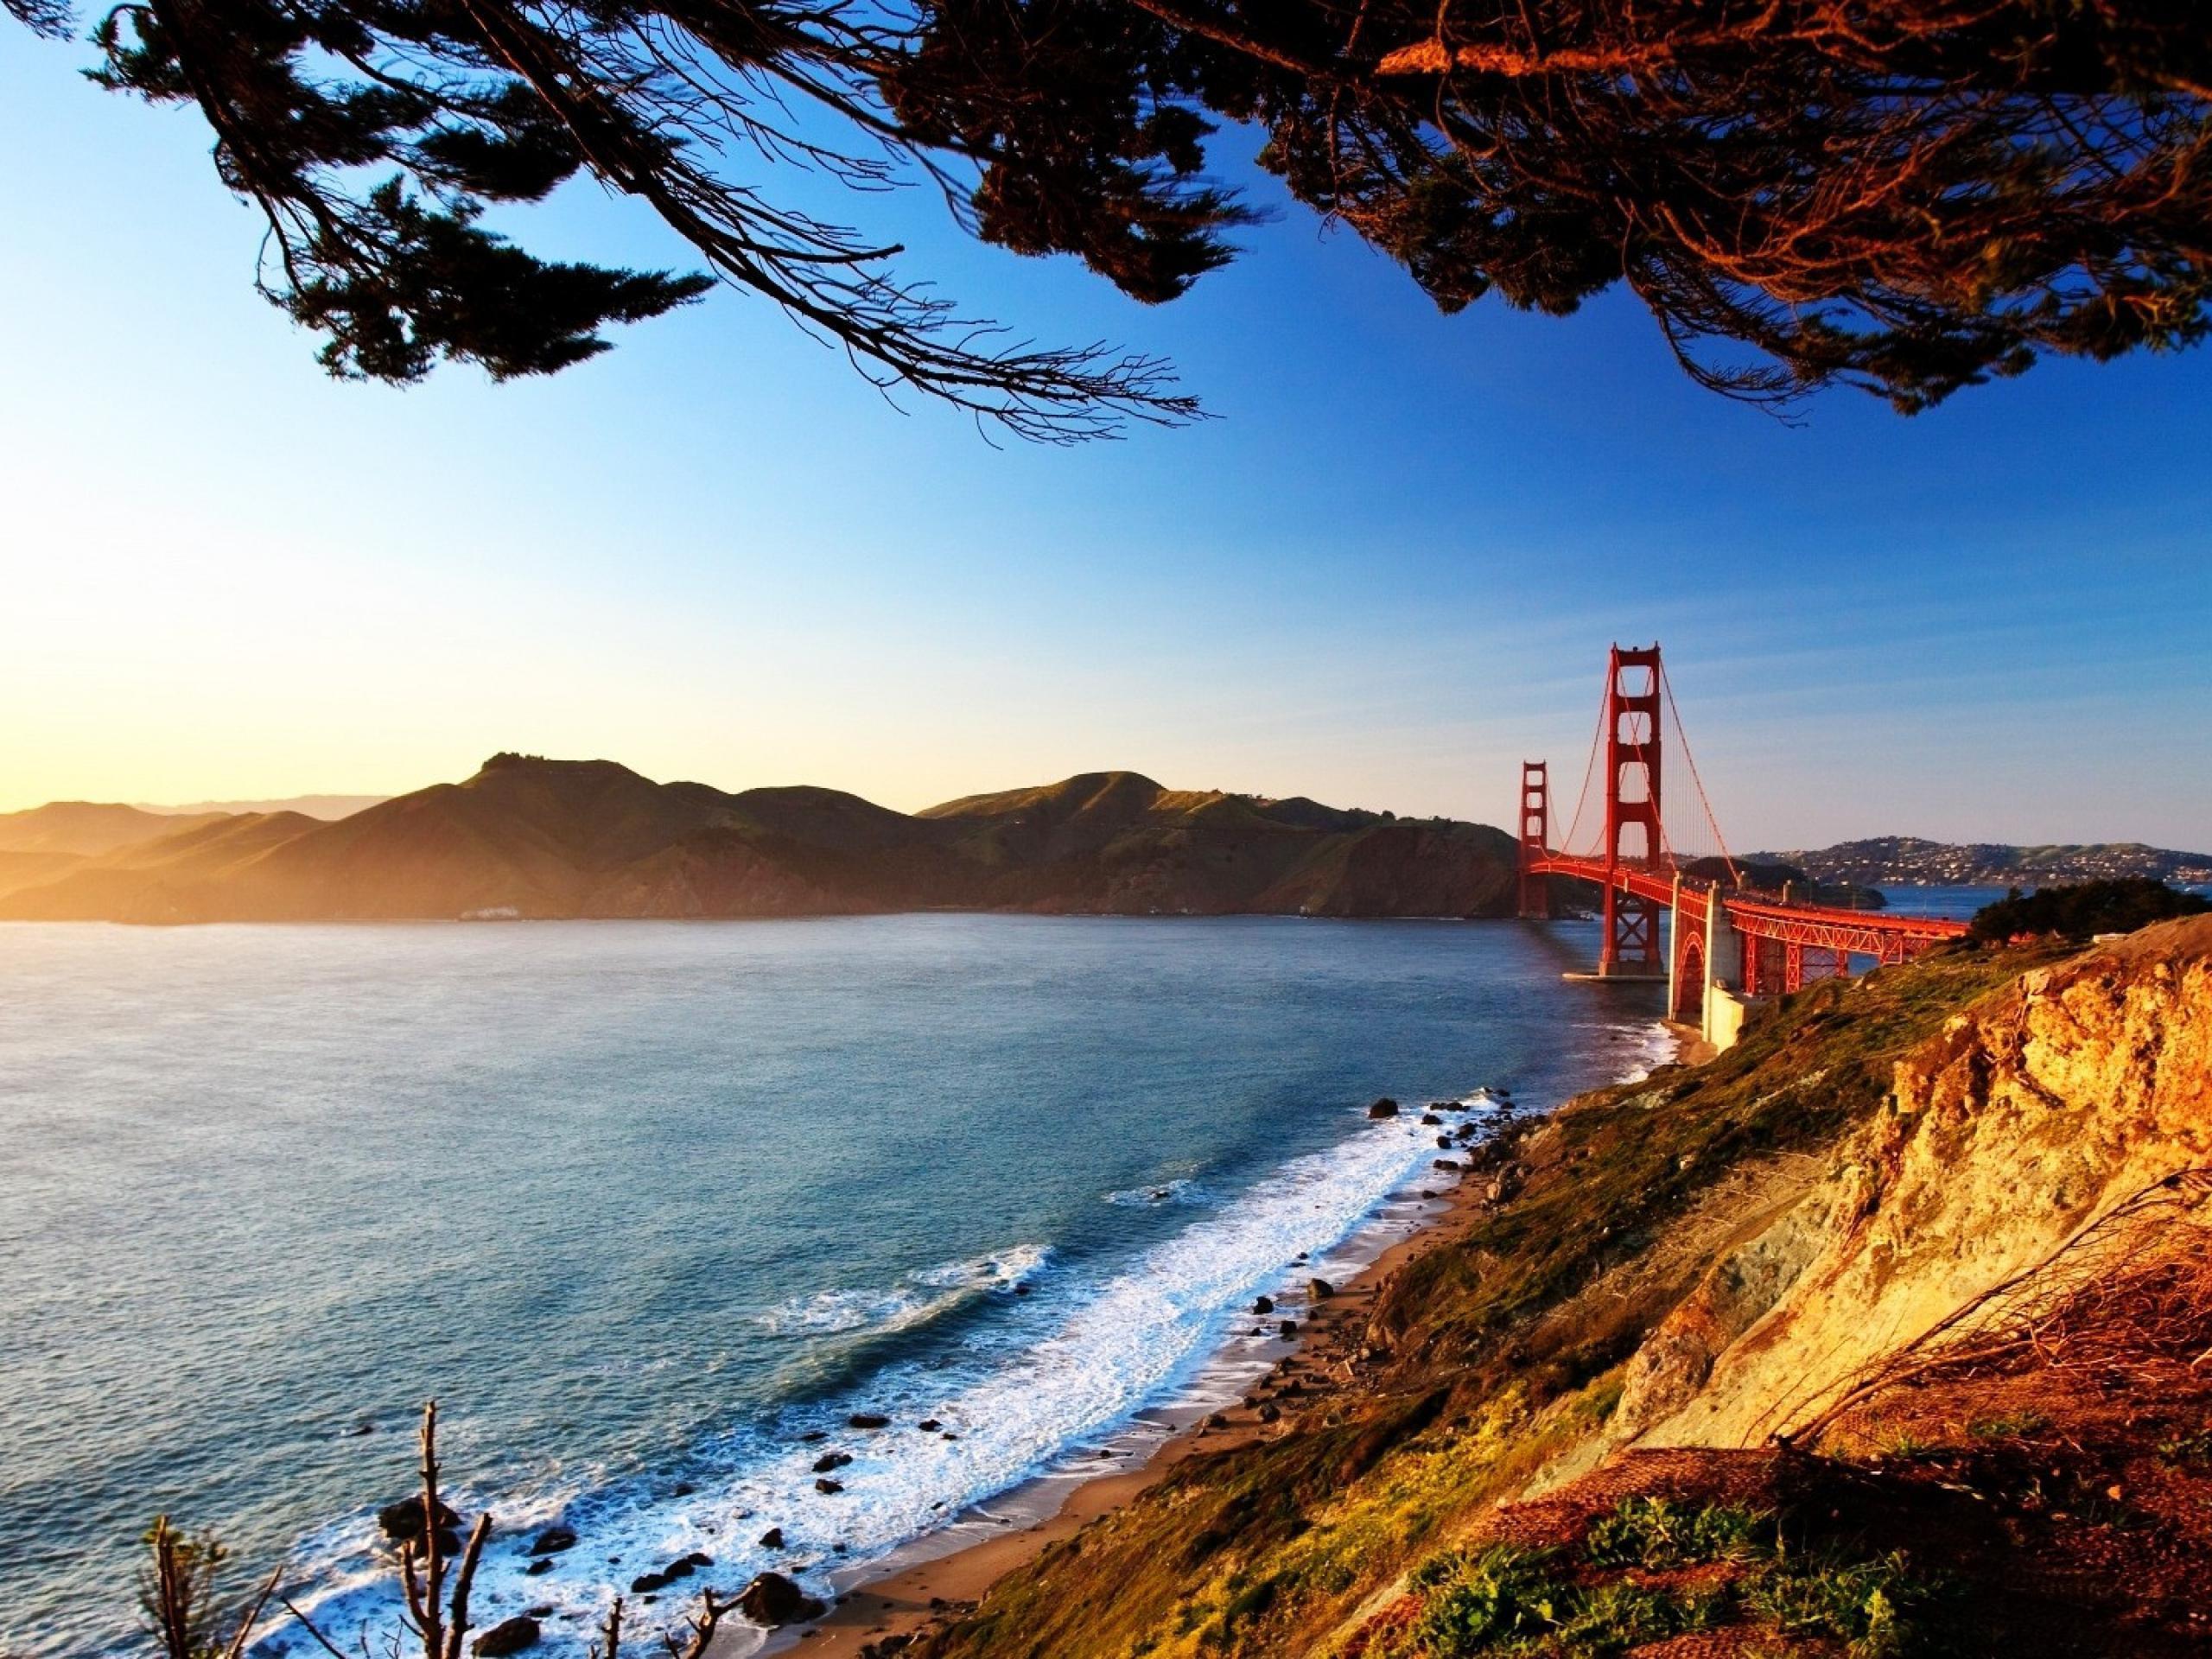 San Francisco Wallpapers Desktop - WallpaperSafari